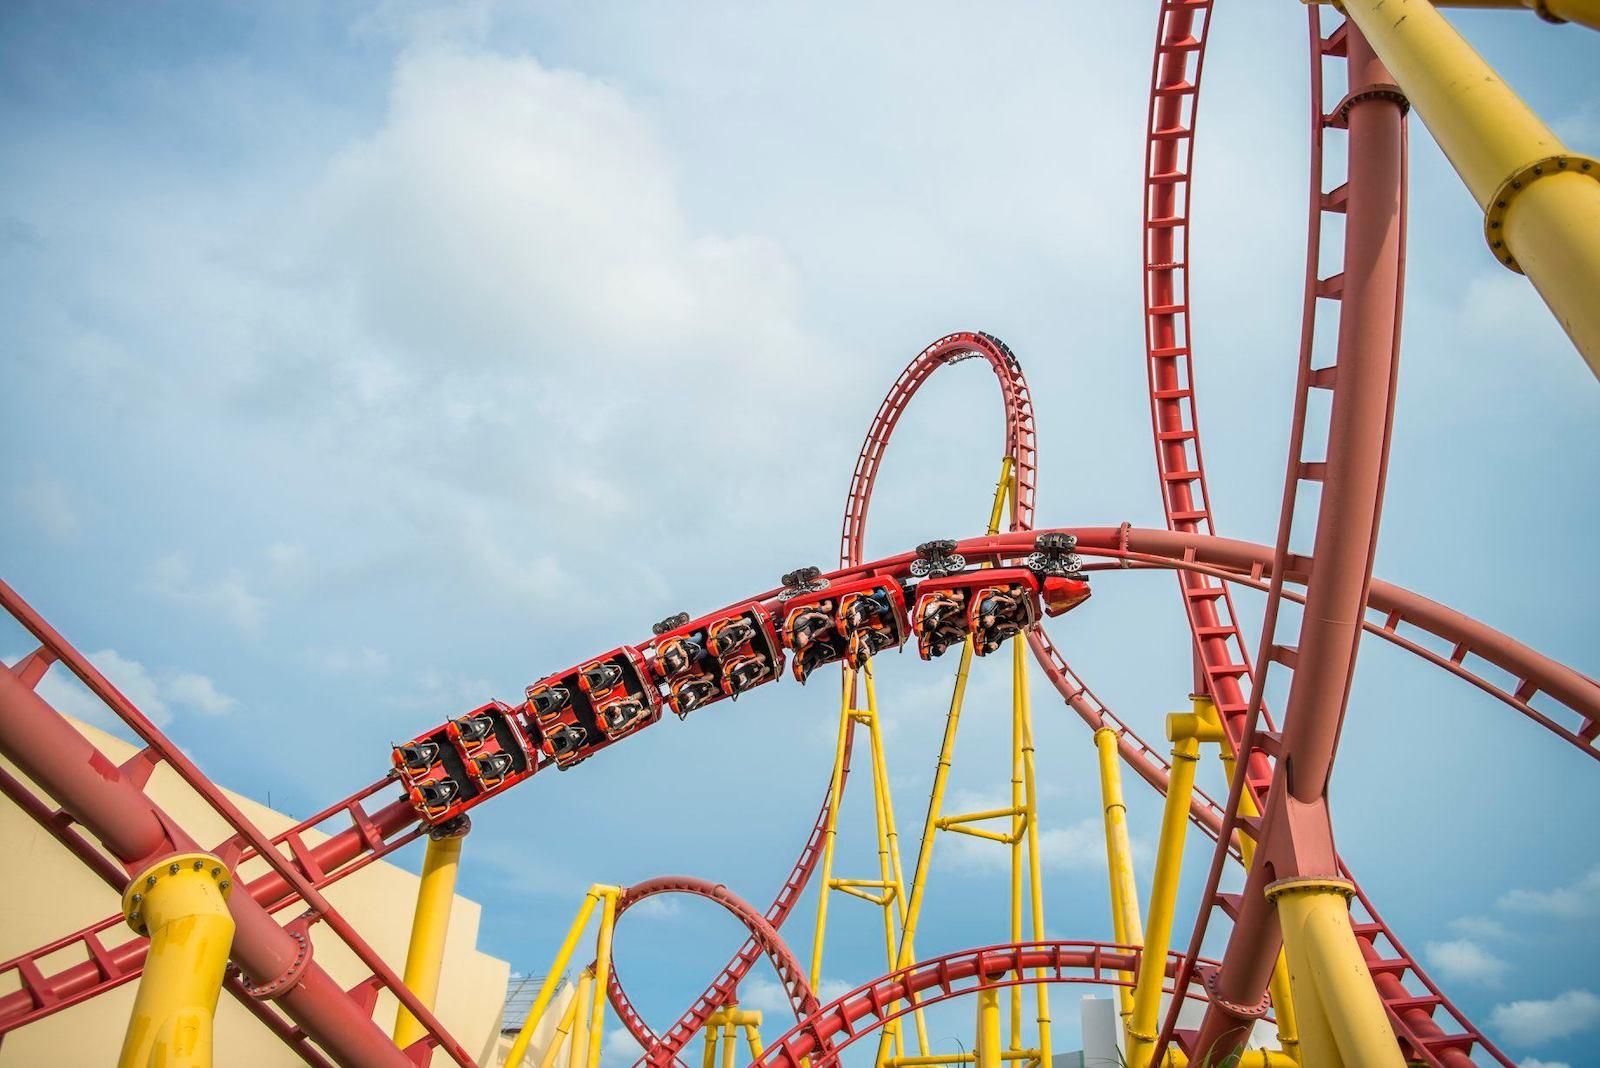 Image of a rollercoaster at VinWonders in Vietnam